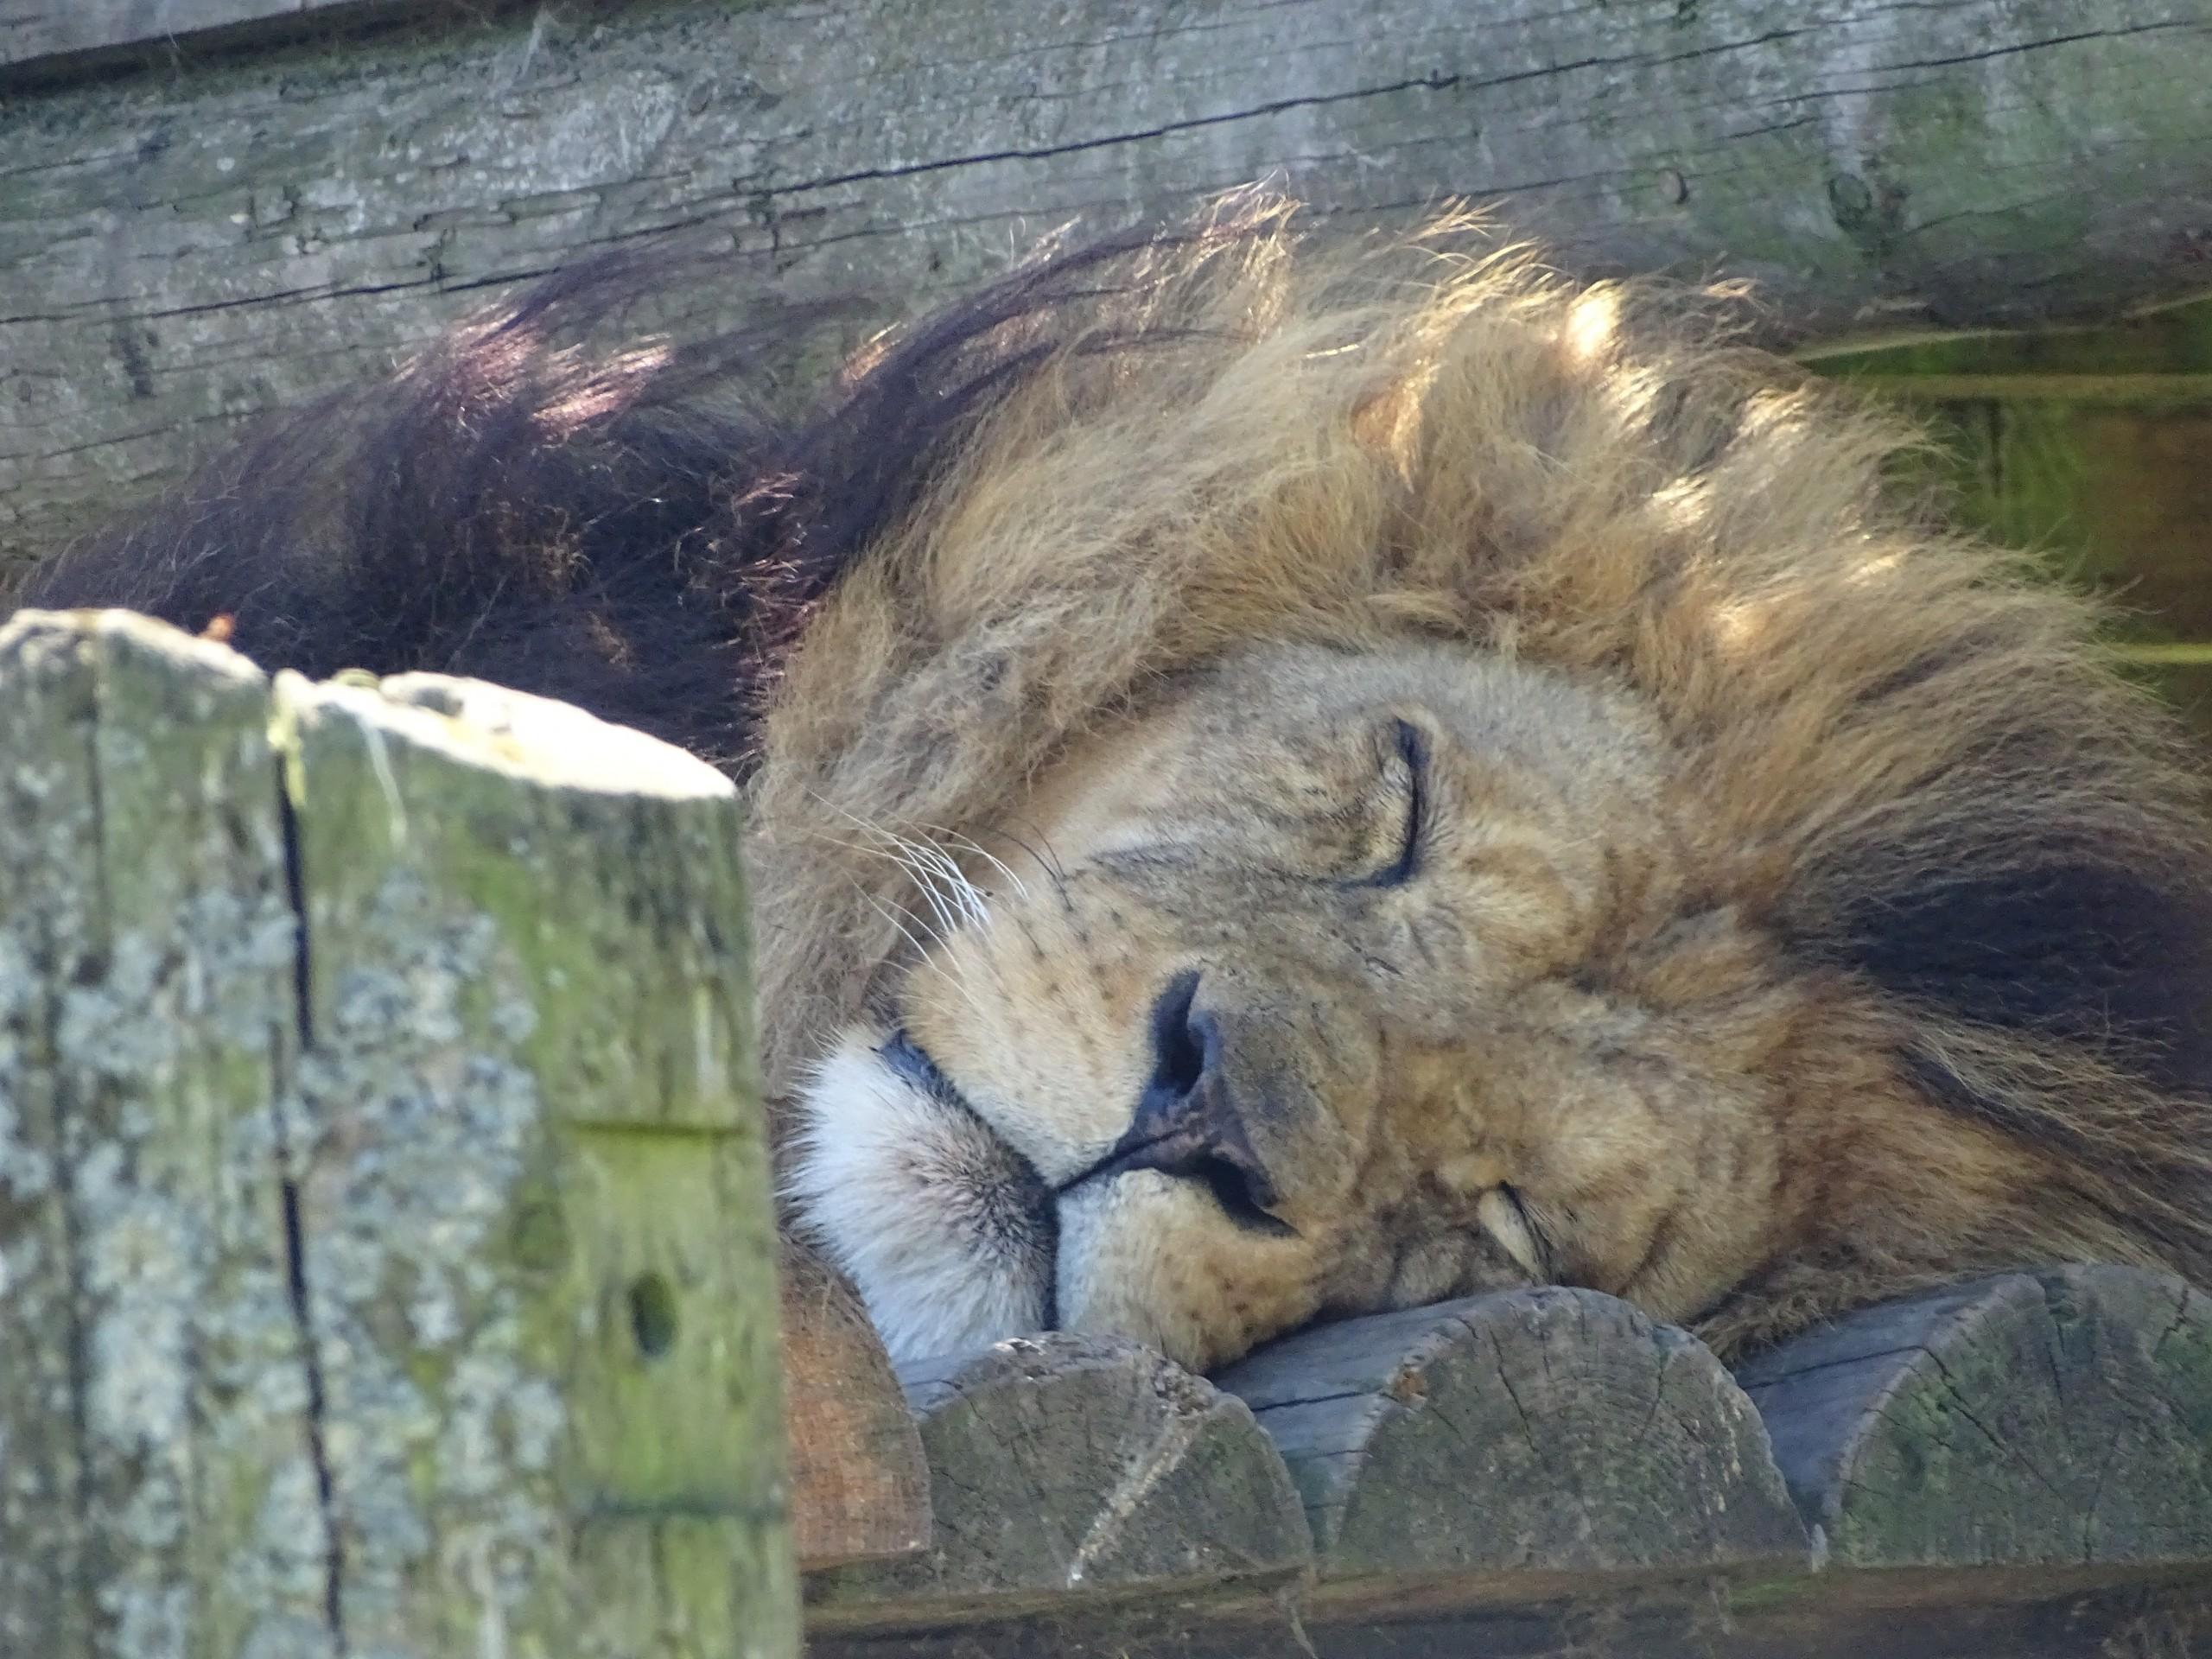 Lion taking a nap